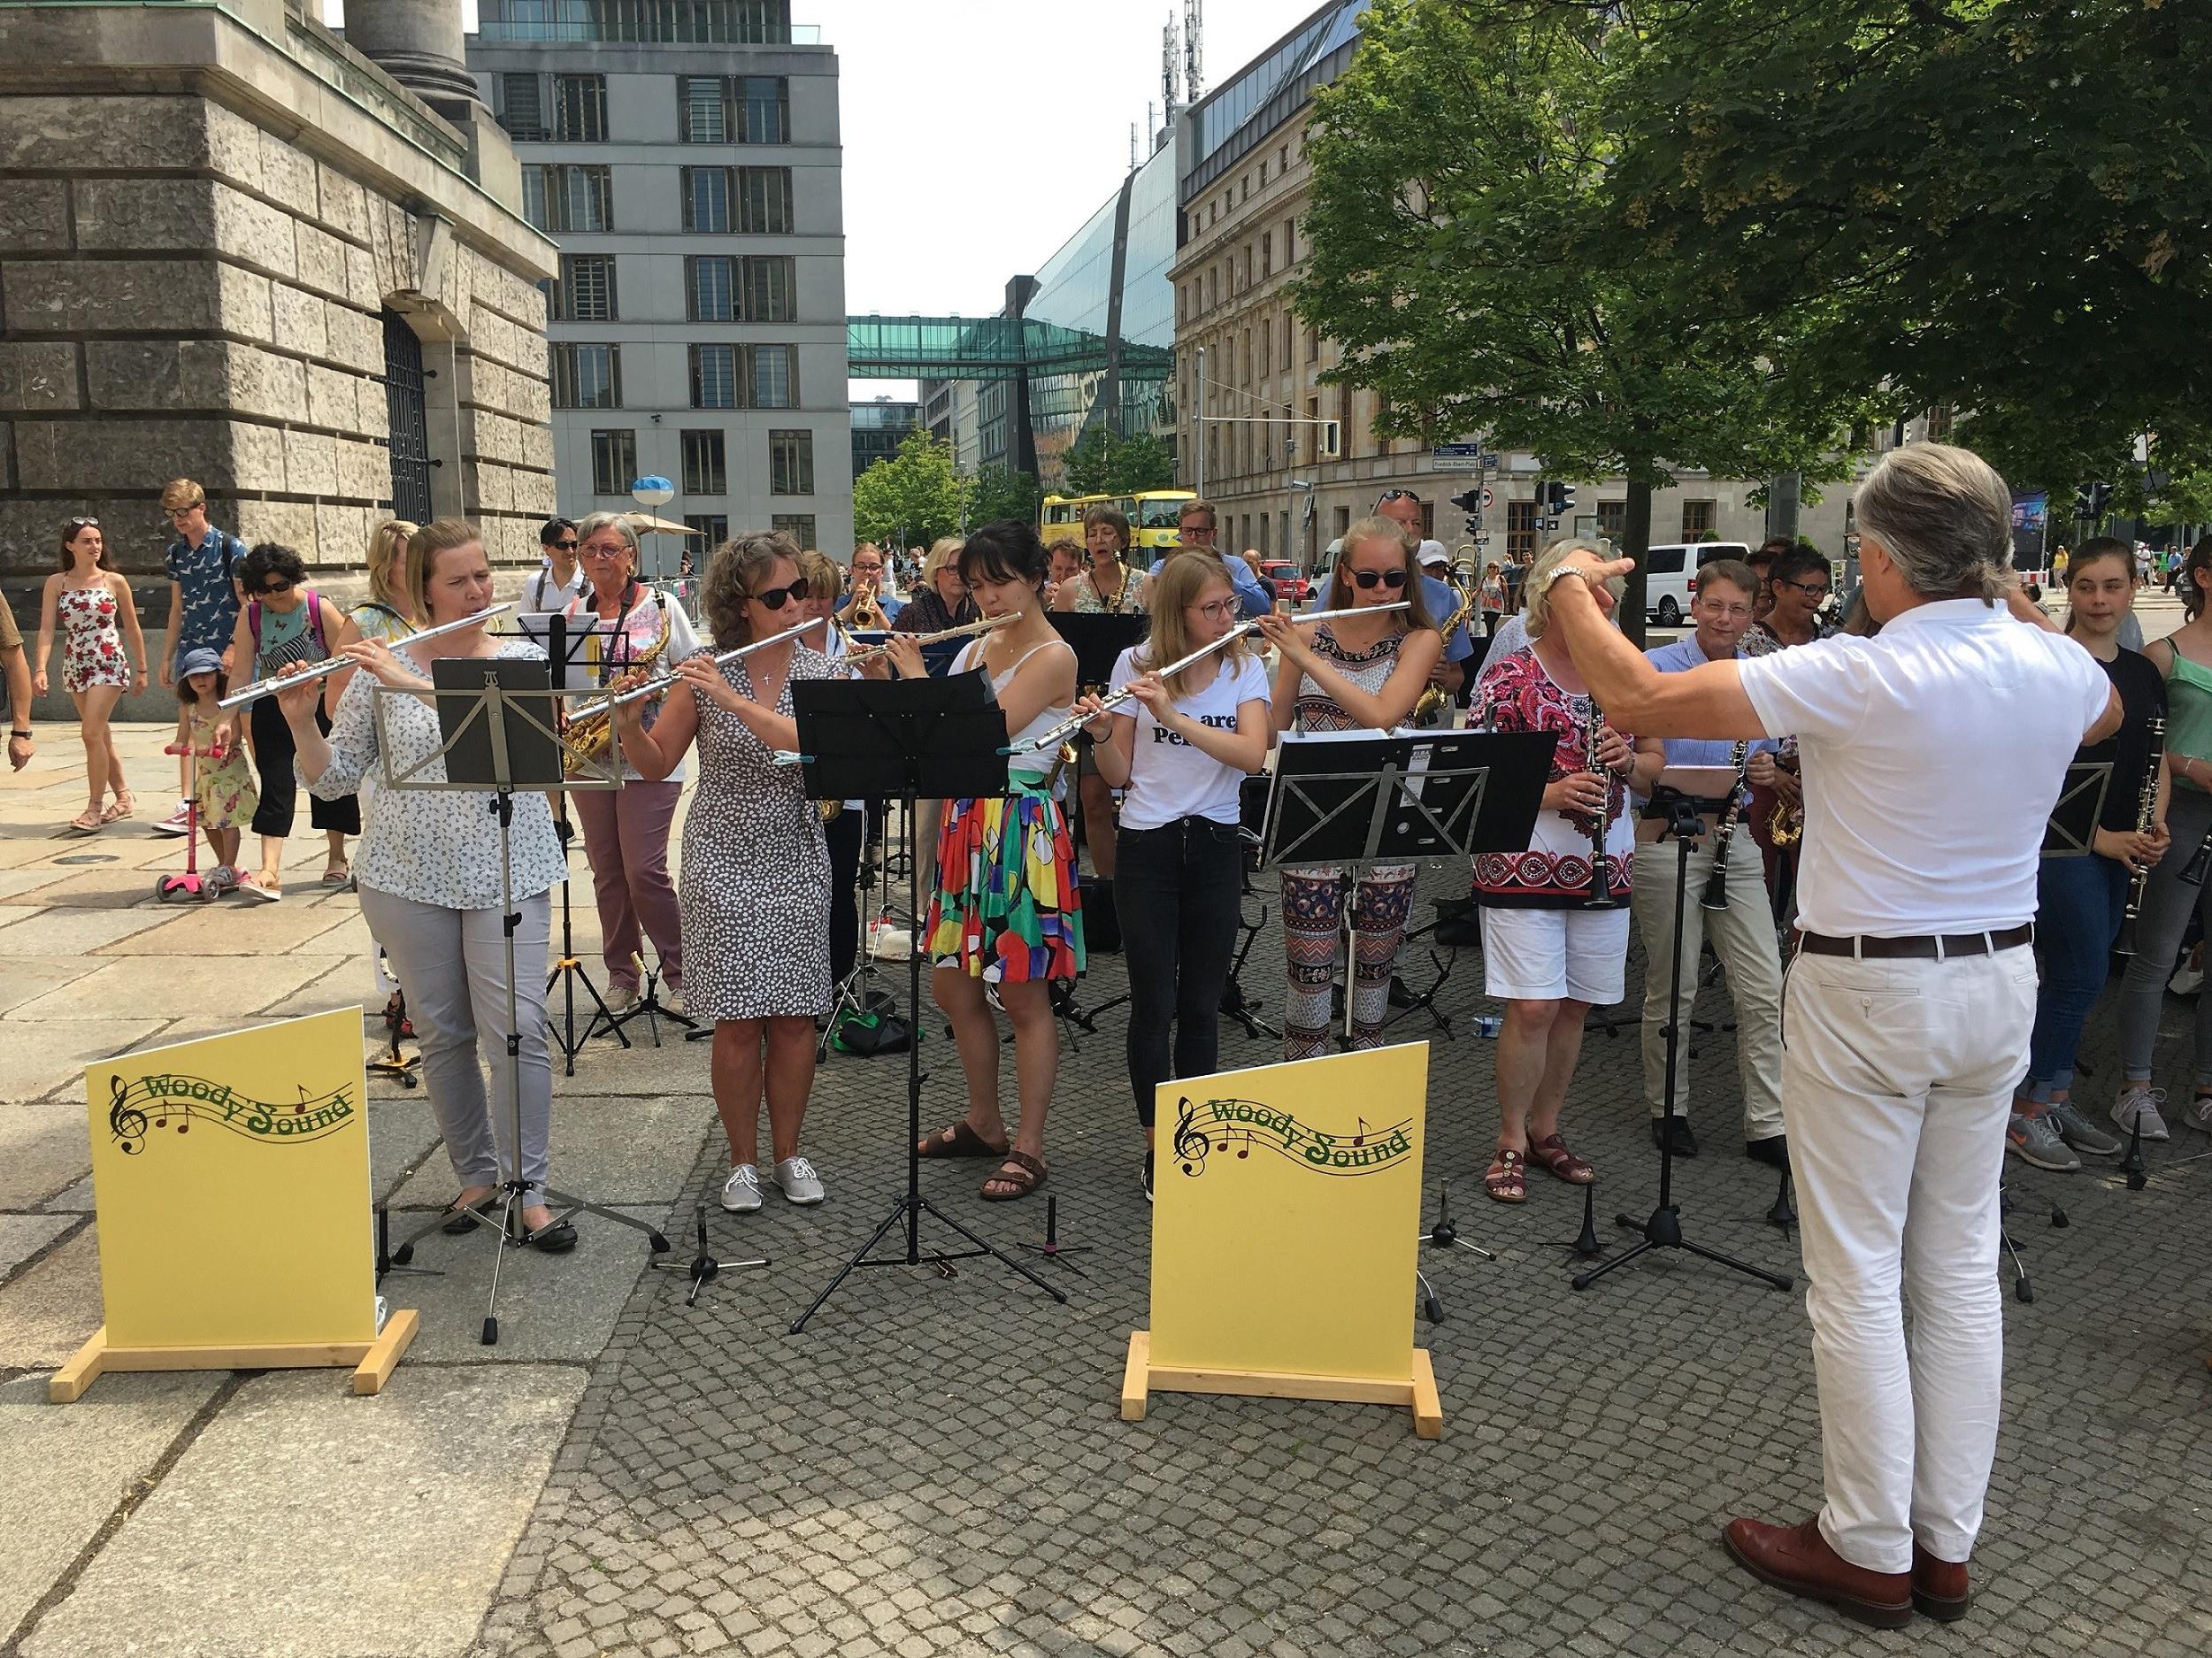 Emily Erdbeer Ausmalbilder Neu Spd Landkreis Harburg Mit Freude Zukunft Gestalten orchester Neu Das Bild